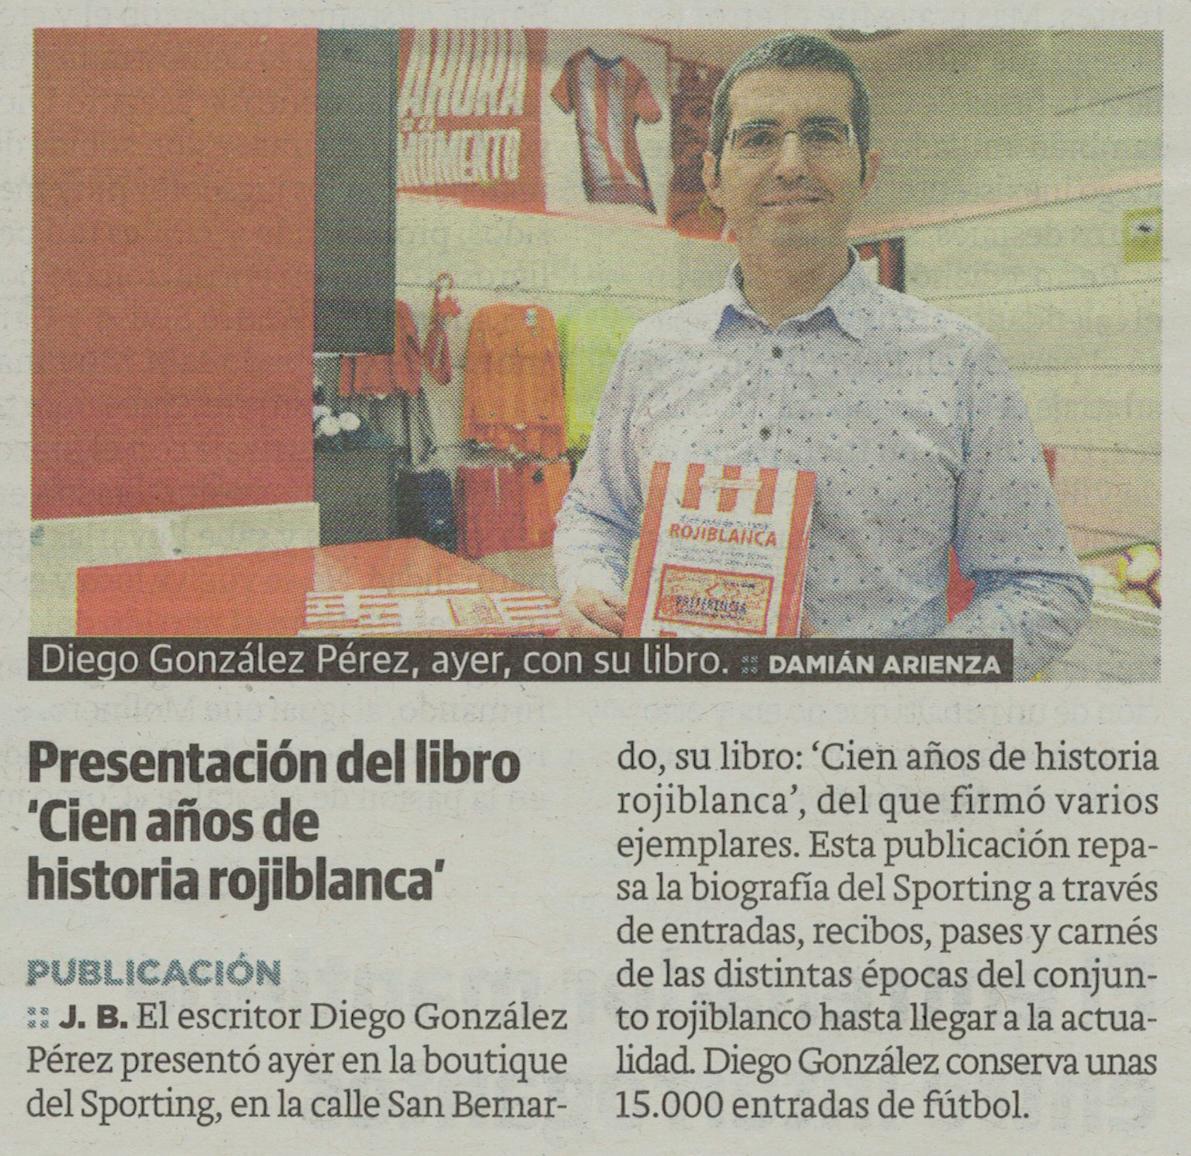 2018-11-09 Diario El Comercio